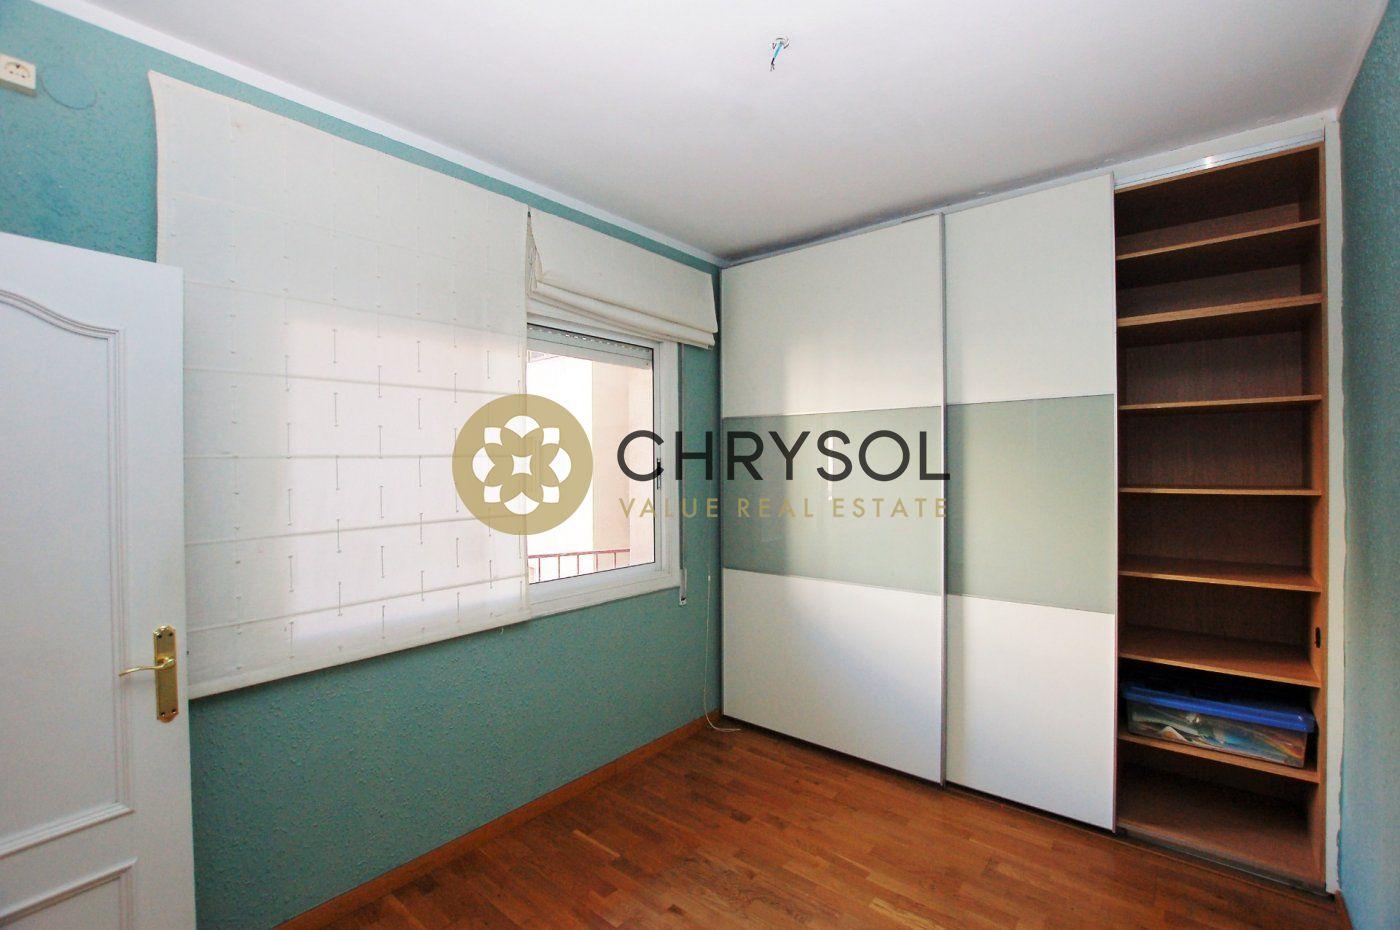 Fotogalería - 3 - Chrysol Value